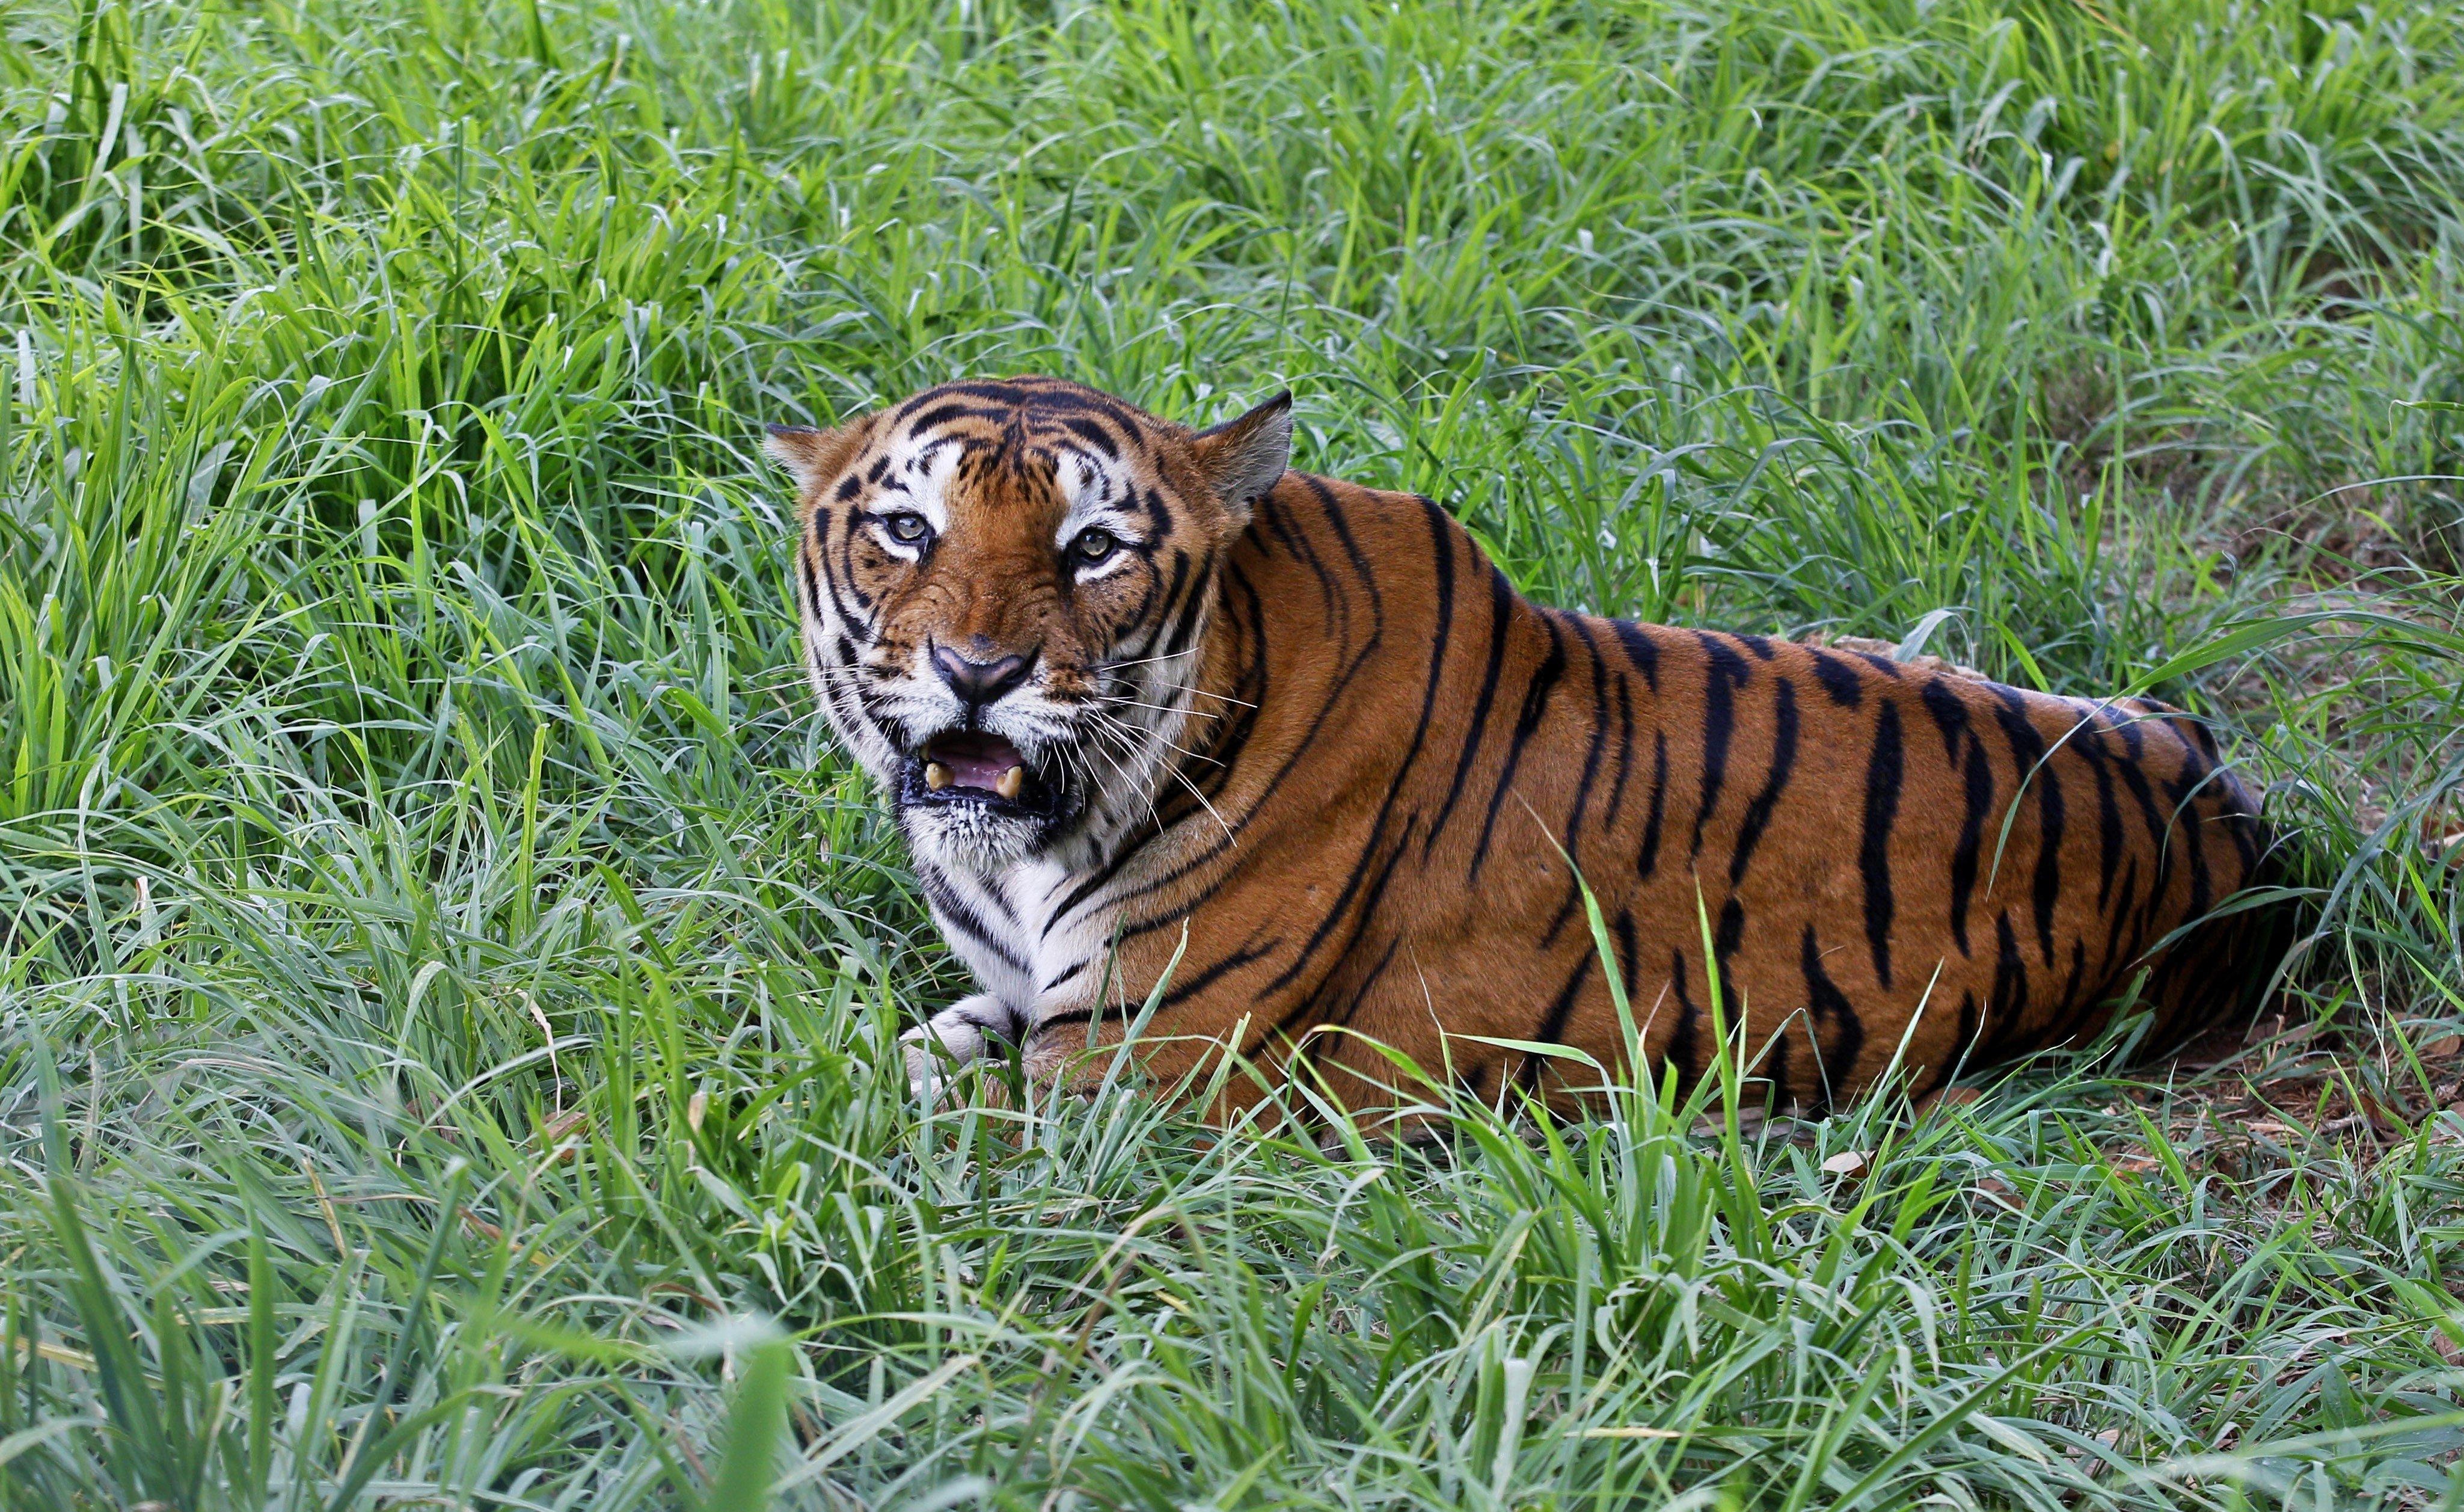 Το τέλος της T-1, της ανθρωποφάγου τίγρης που προσπαθούσαν να την πιάσουν με δόλωμα...ανδρικό